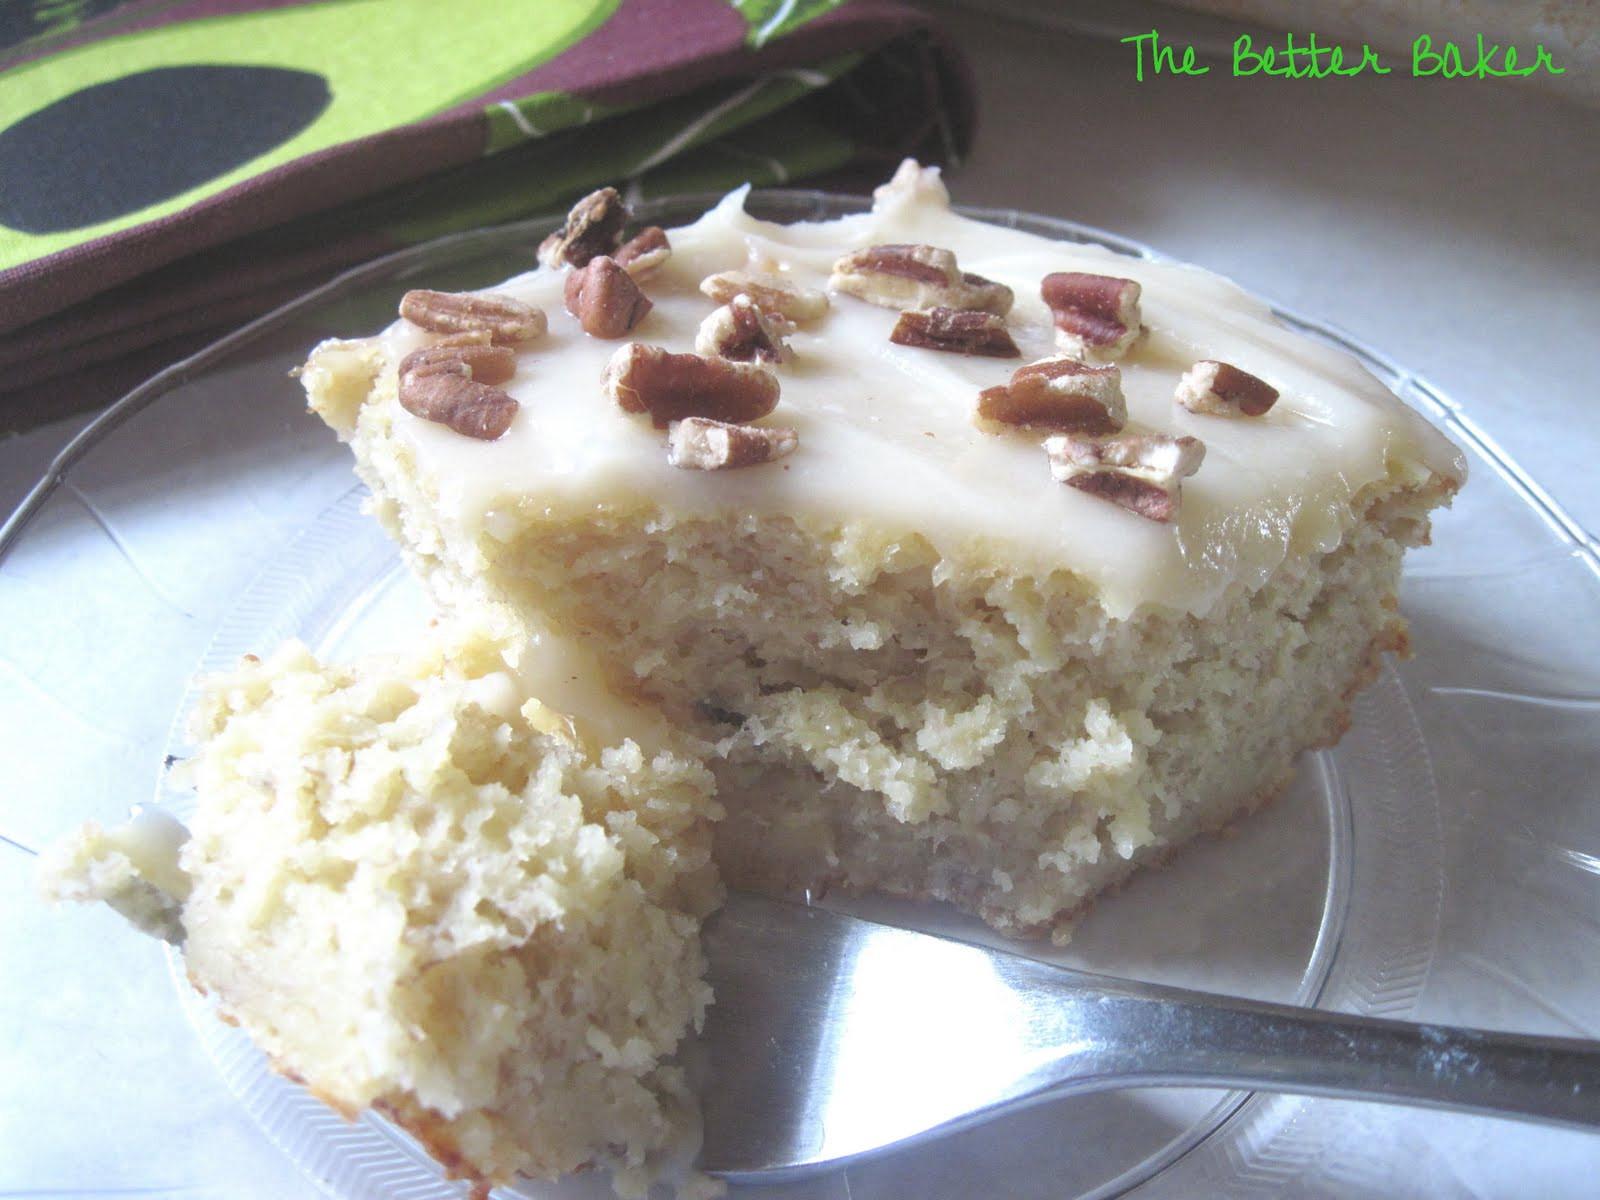 Crazy Banana Cake  The Better Baker Best Banana Cake